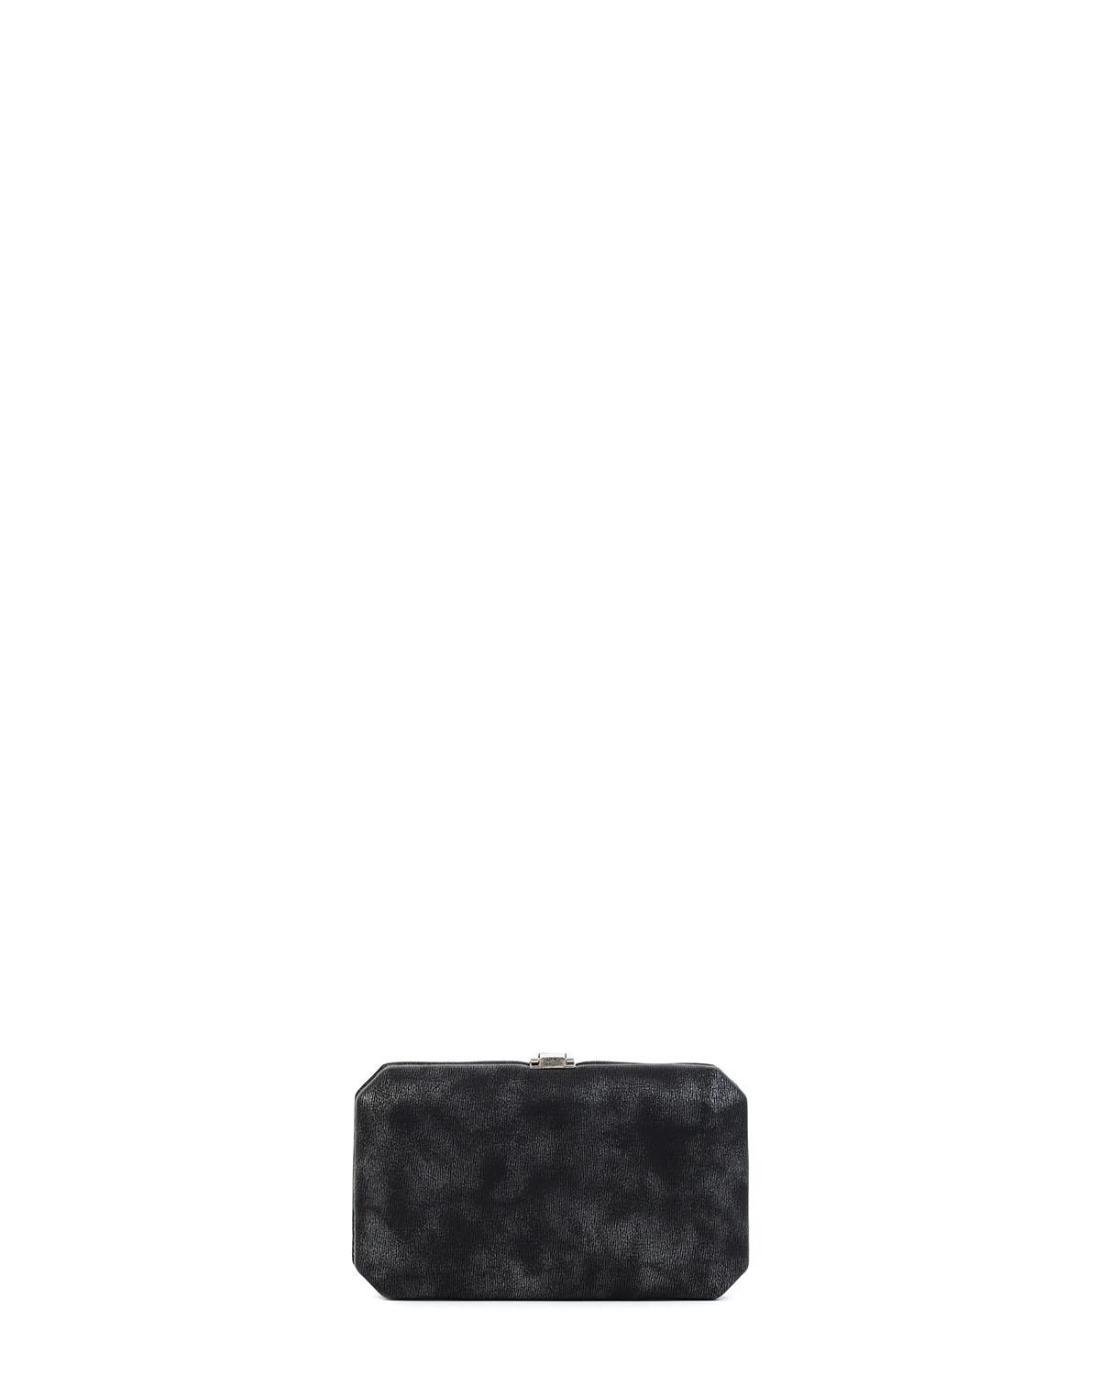 Βραδινό τσαντάκι clutch μαύρο